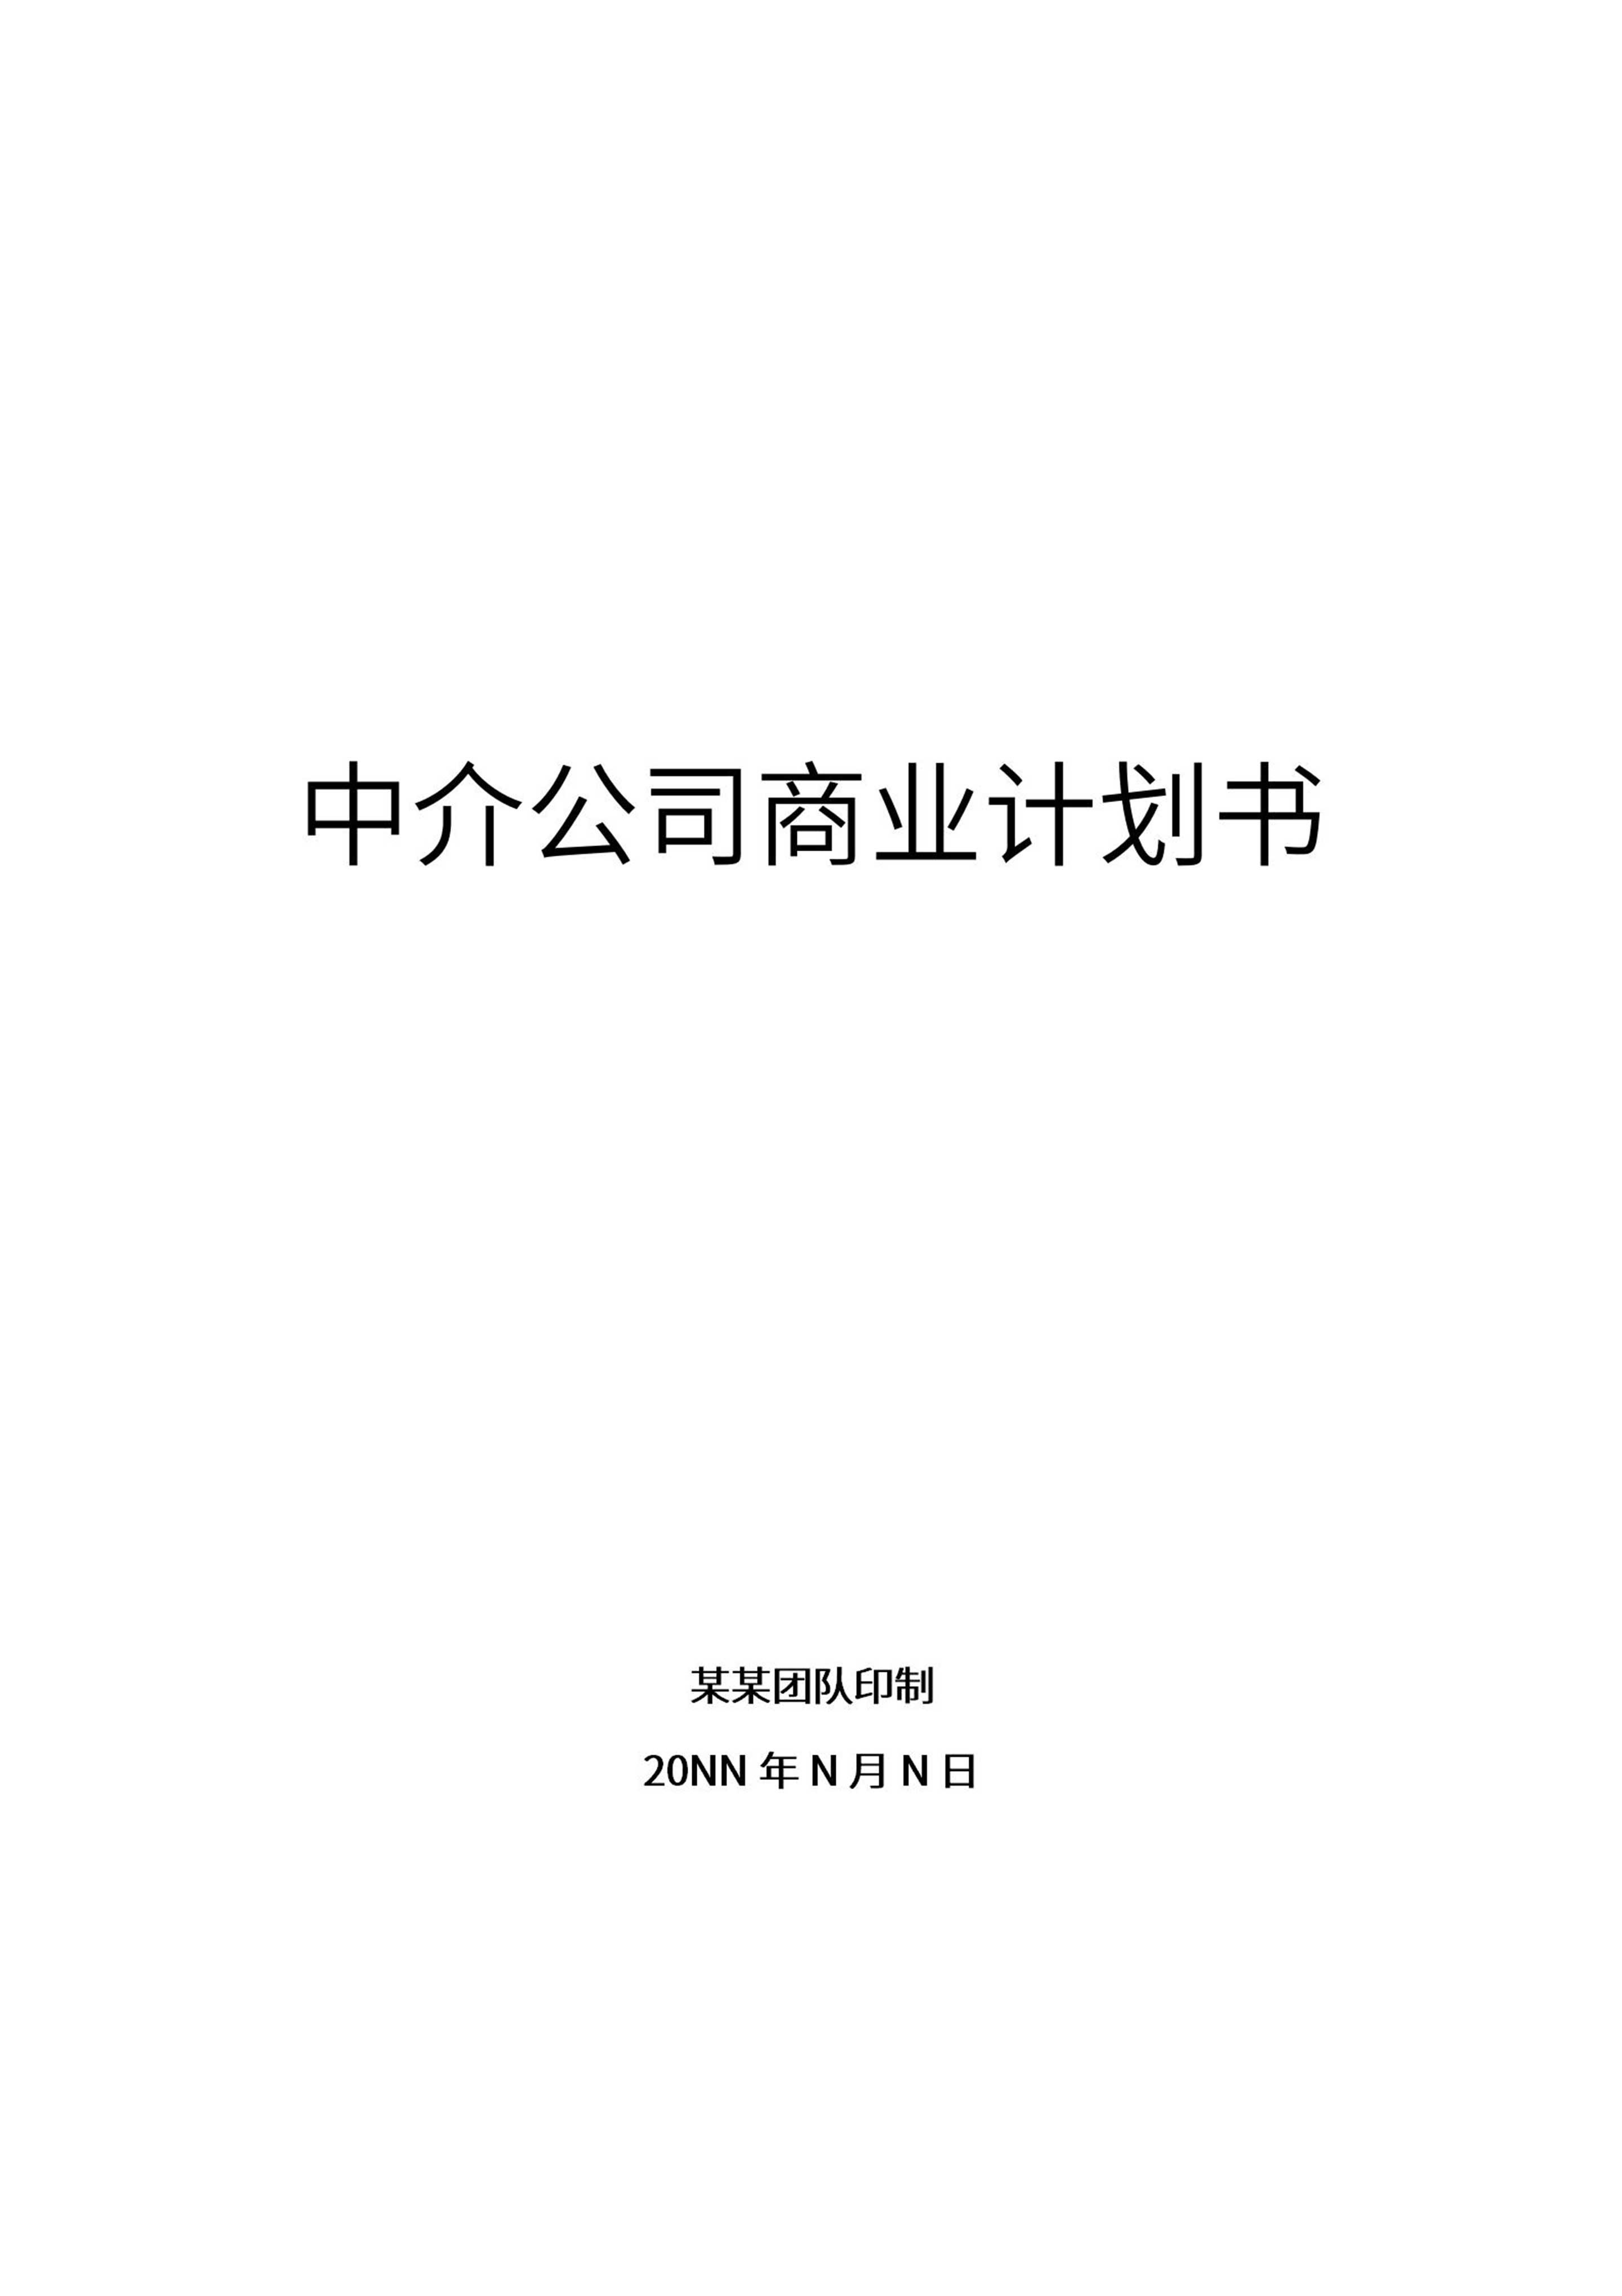 中介公司商业计划书word模板